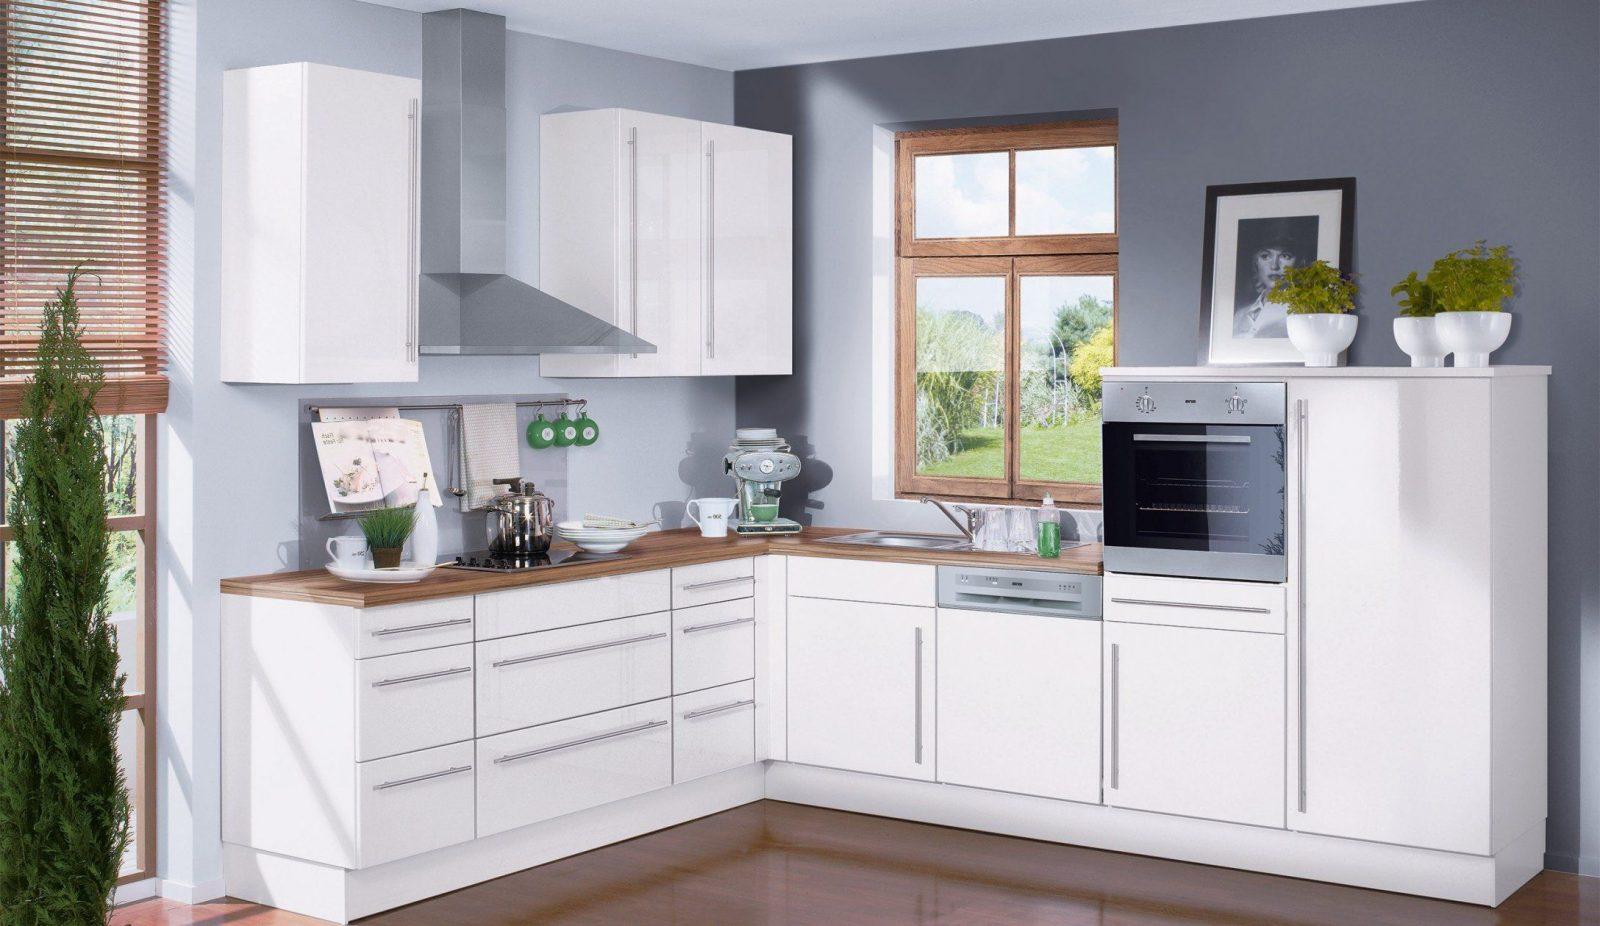 Küche Weiß Hochglanz Günstig Wunderbar Emejing Küche Weiß Landhaus S von Küchenzeile Weiß Hochglanz Günstig Photo